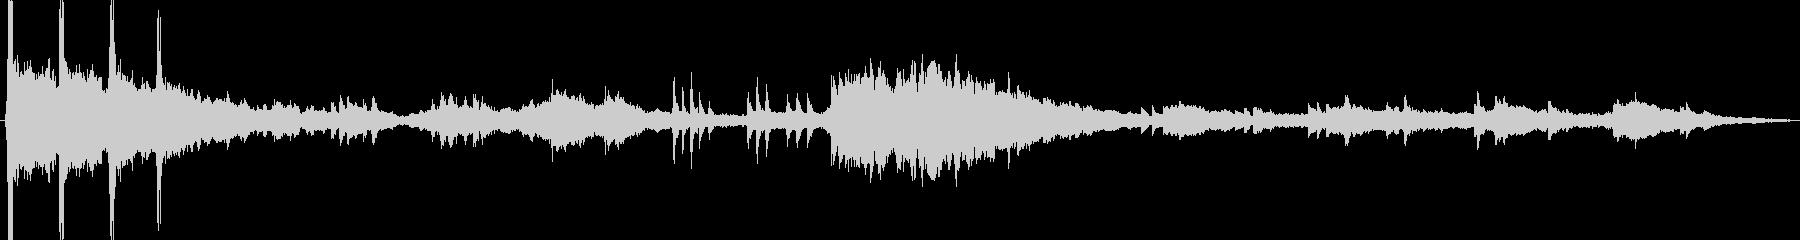 メランコリックで柔らかいピアノとオ...の未再生の波形